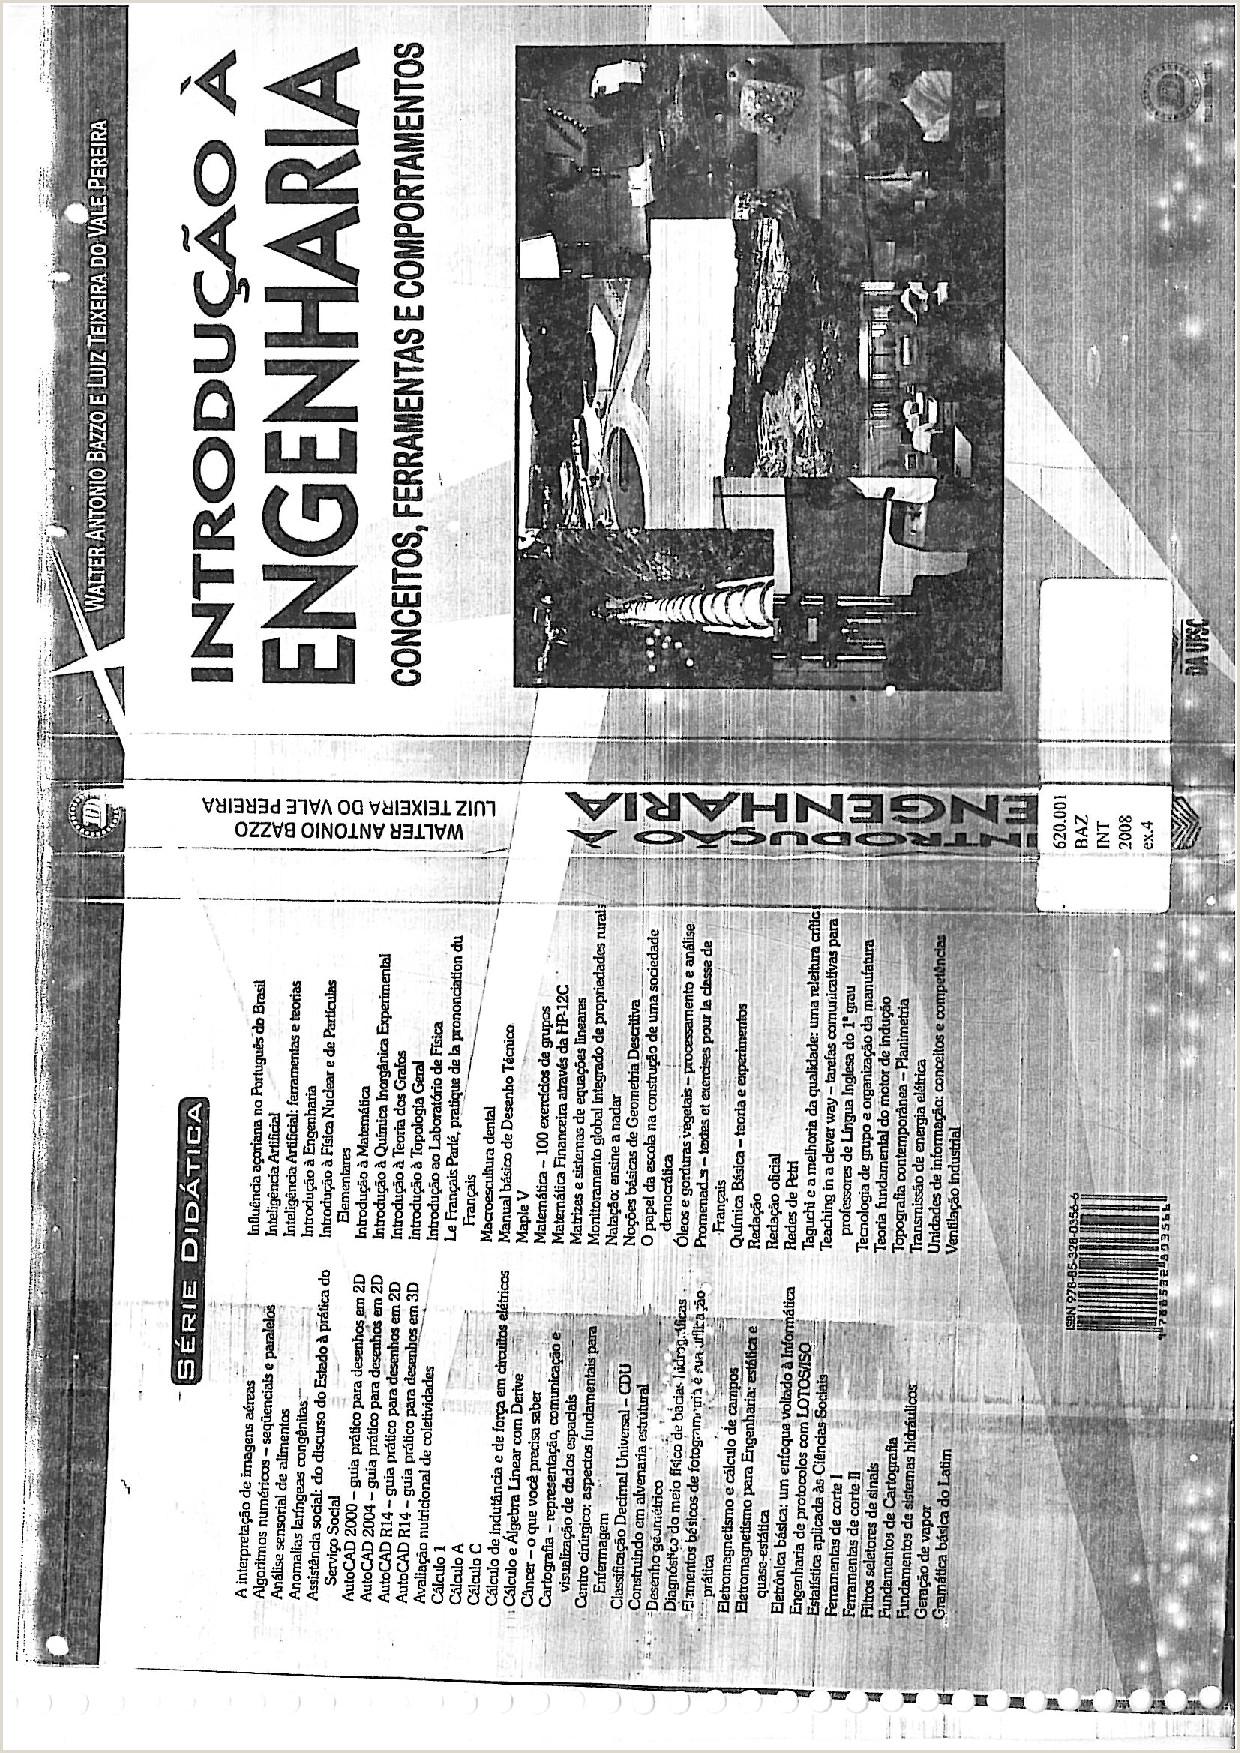 Curriculo Simples Para Baixar Livro De Introdu§£o A Engenharia Mec¢nica Introdu§£o A